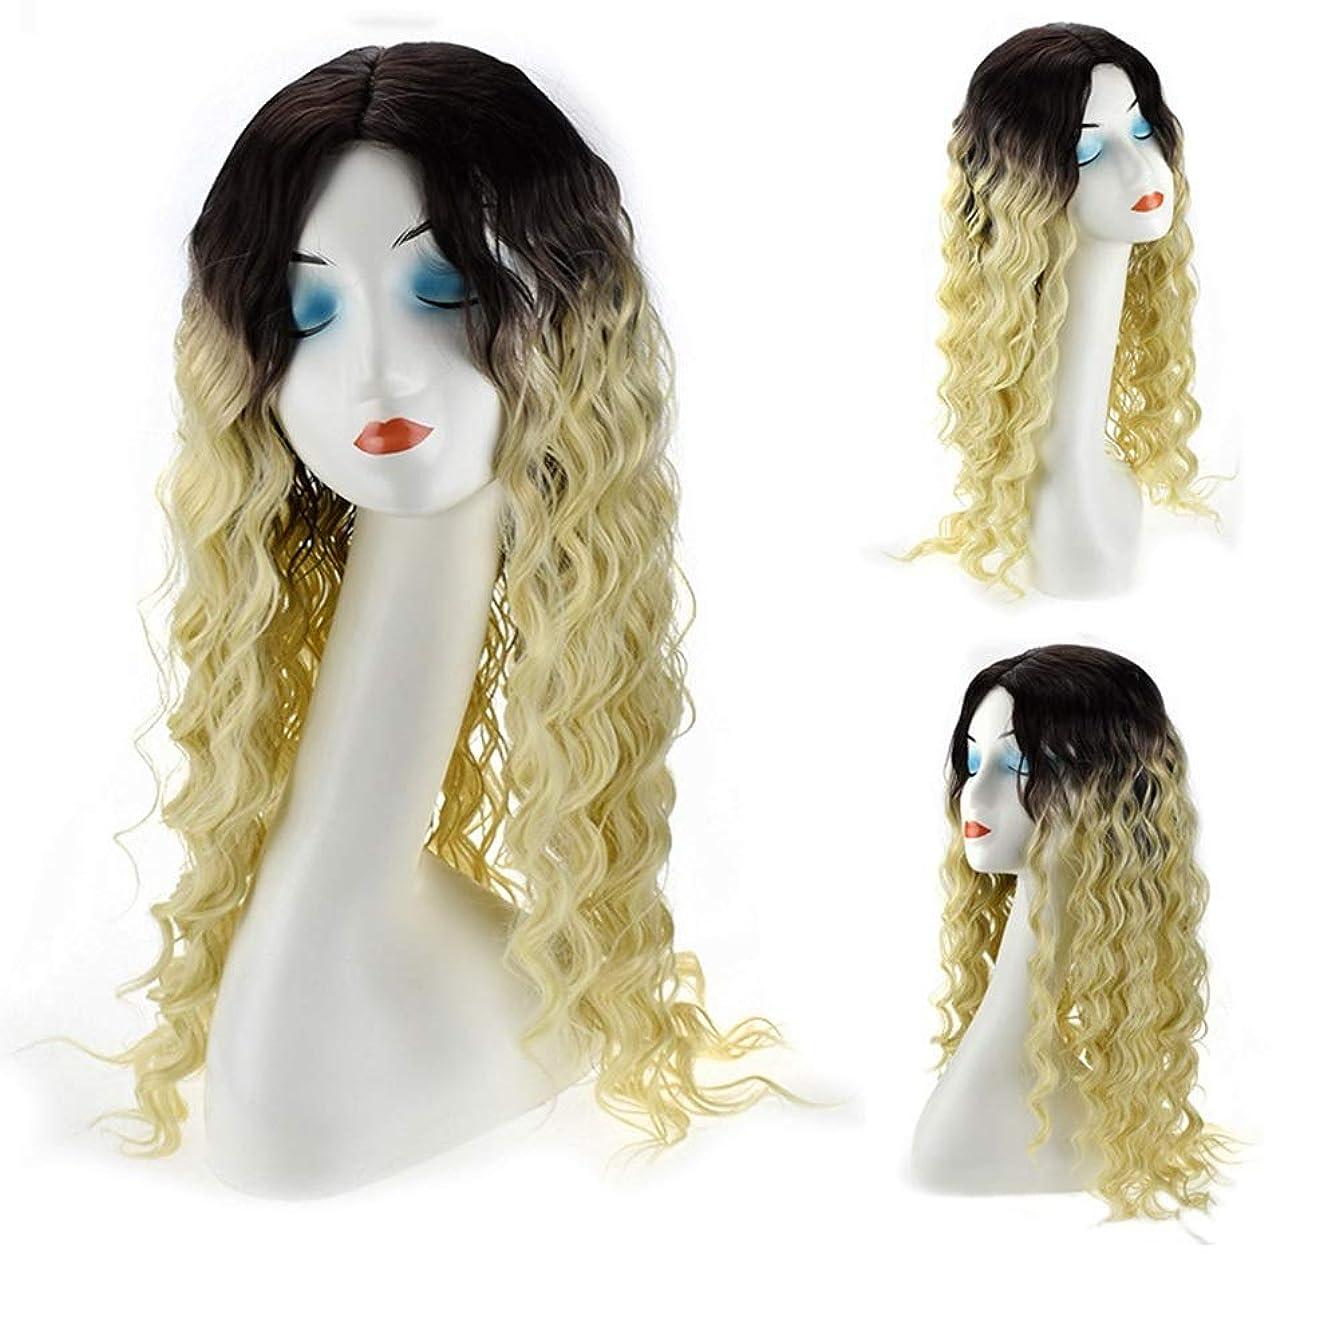 アンテナクラック涙YESONEEP ブロンドの深い波長い髪のグラデーションカラーの女性長い巻き毛のかつら耐熱ファイバーパーティーかつら (色 : Blonde)